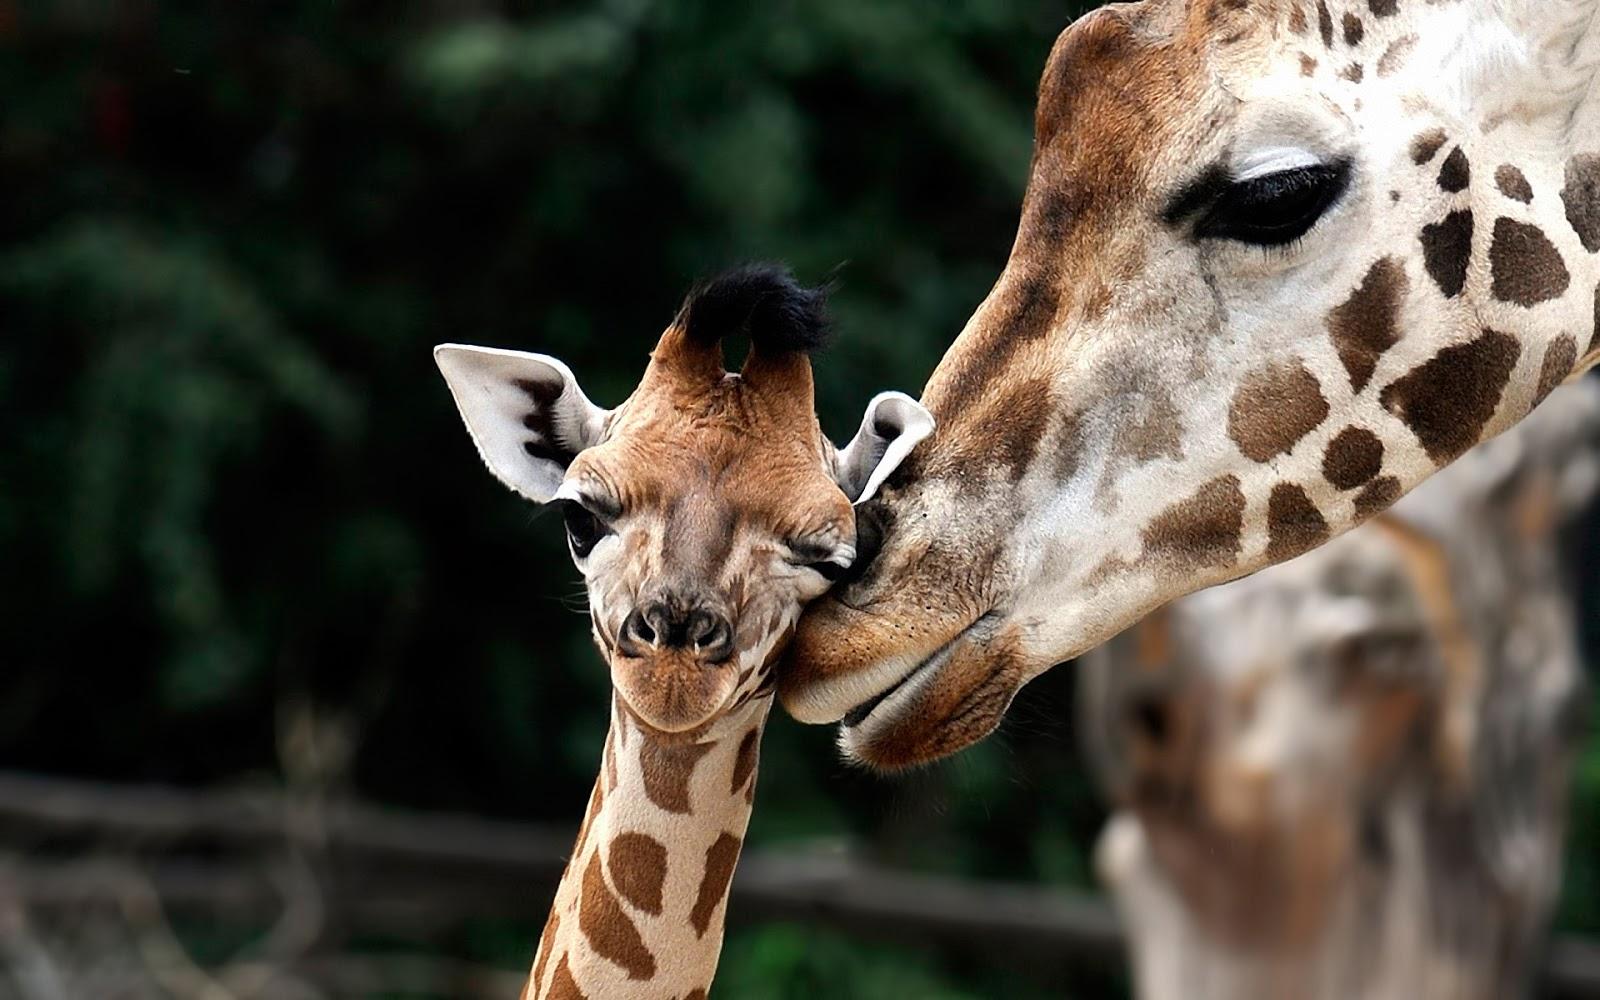 Cute wallpaper of giraffes HD Animals Wallpapers 1600x1000